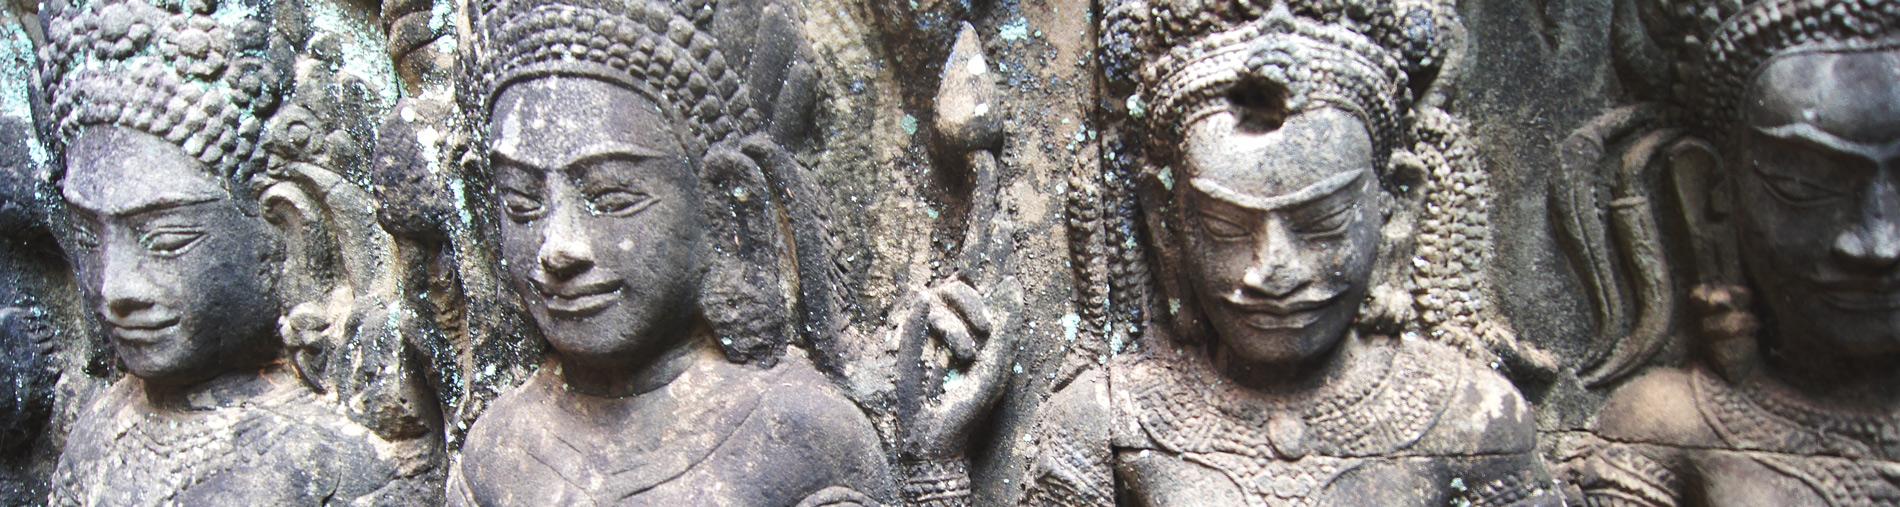 rondreis cambodja hoogtepunten